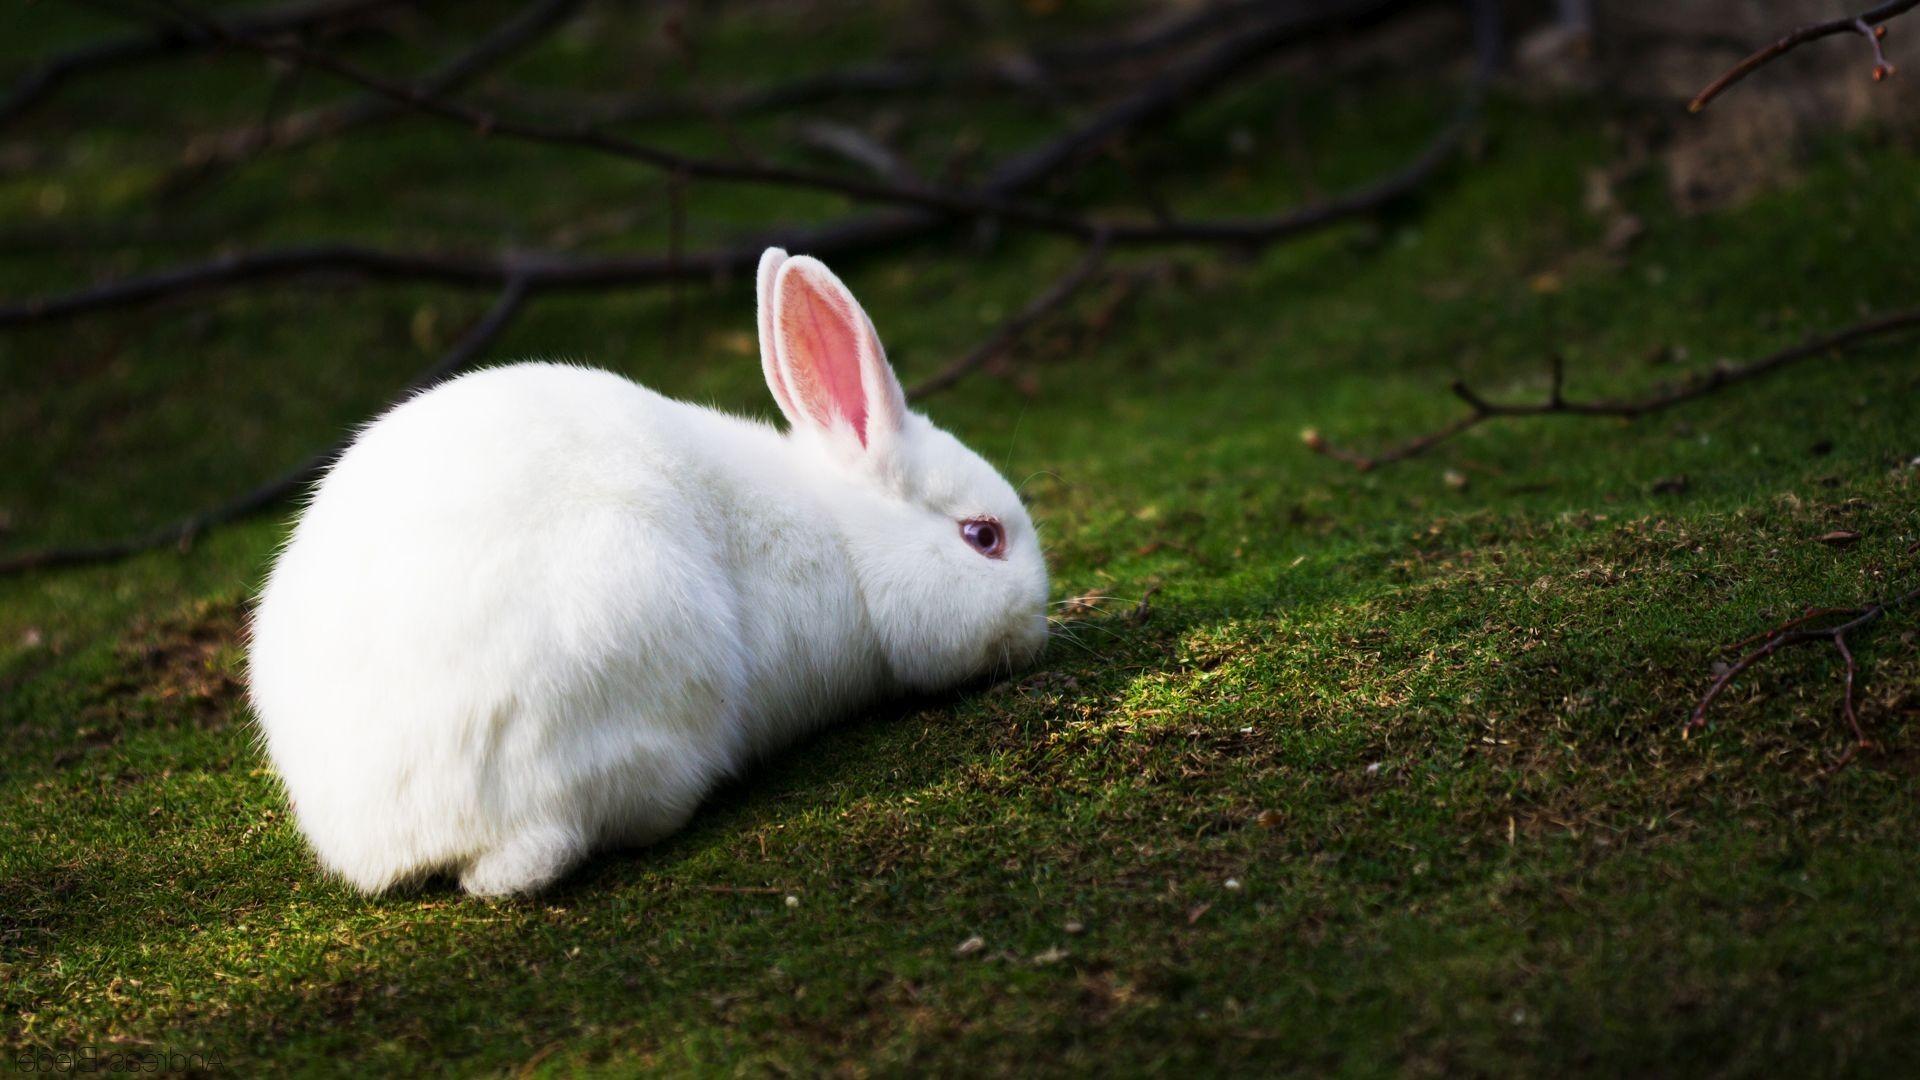 White Rabbit Wallpaper (66+ images)